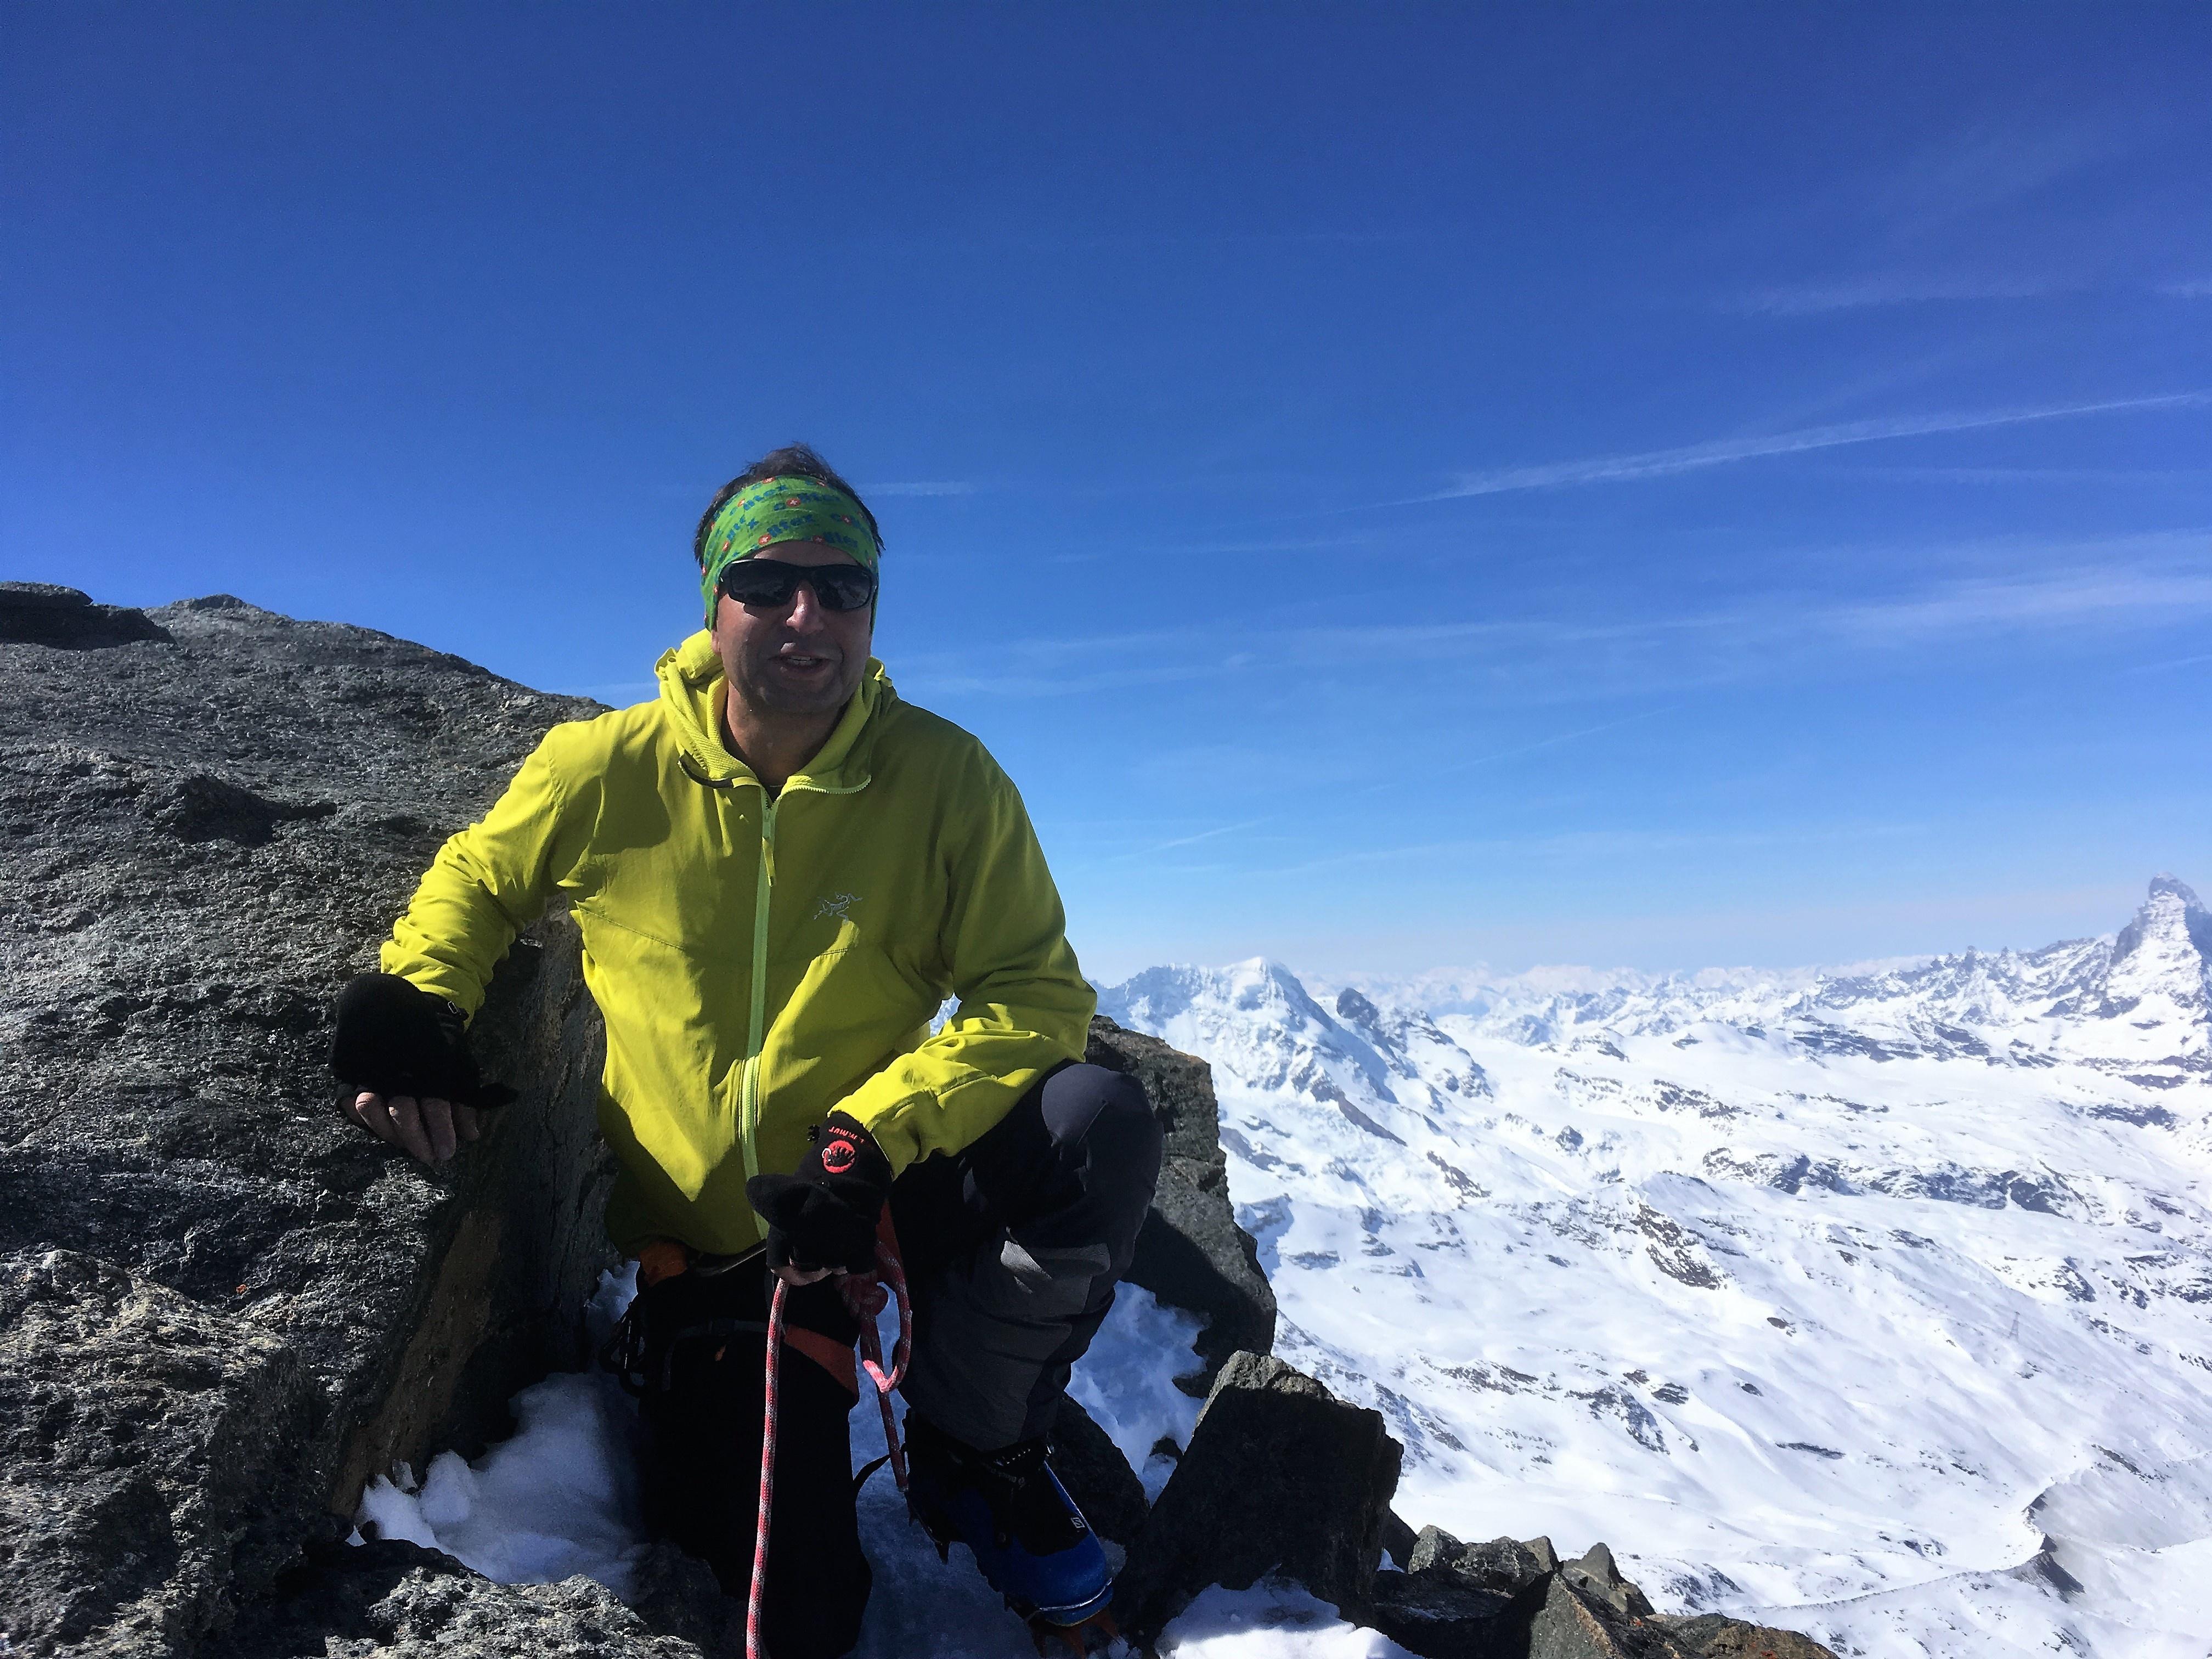 Kletterausrüstung Zermatt : Sektion u2013 seite 13 sac lindenberg